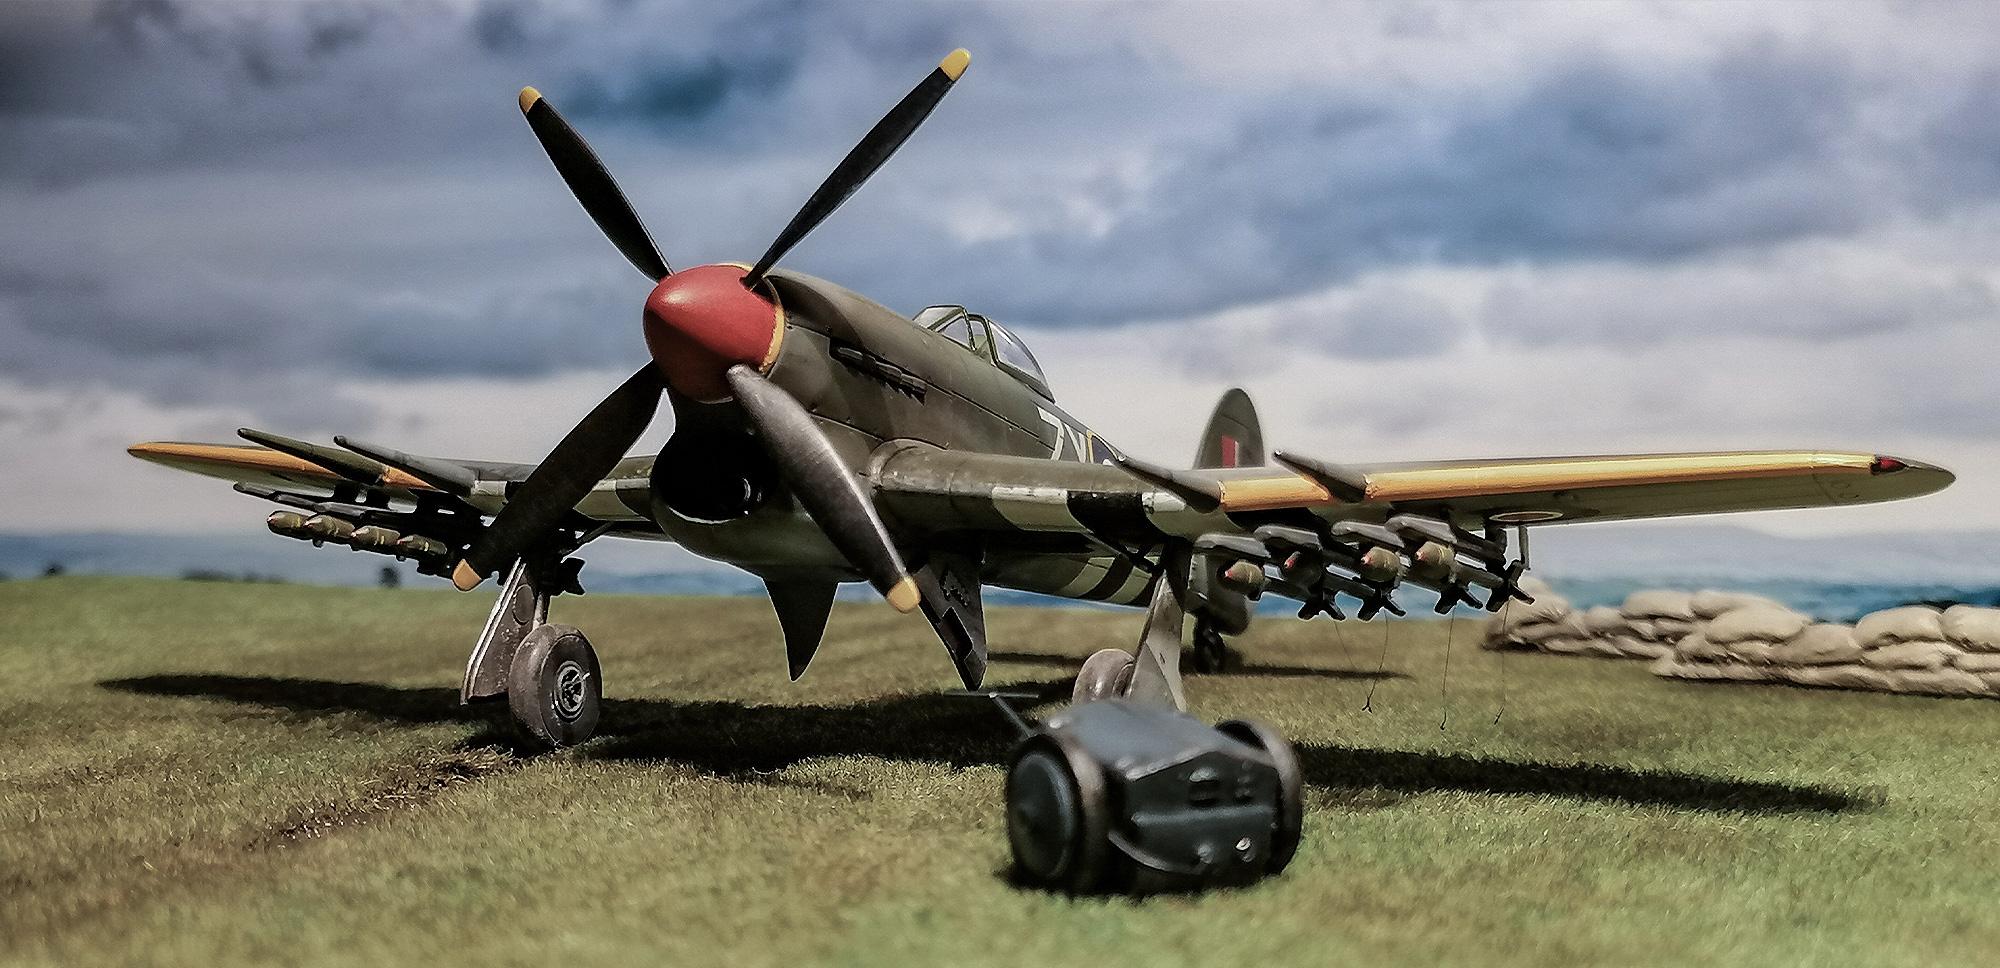 002_Airfix-Hawker-Typhoon-1_72